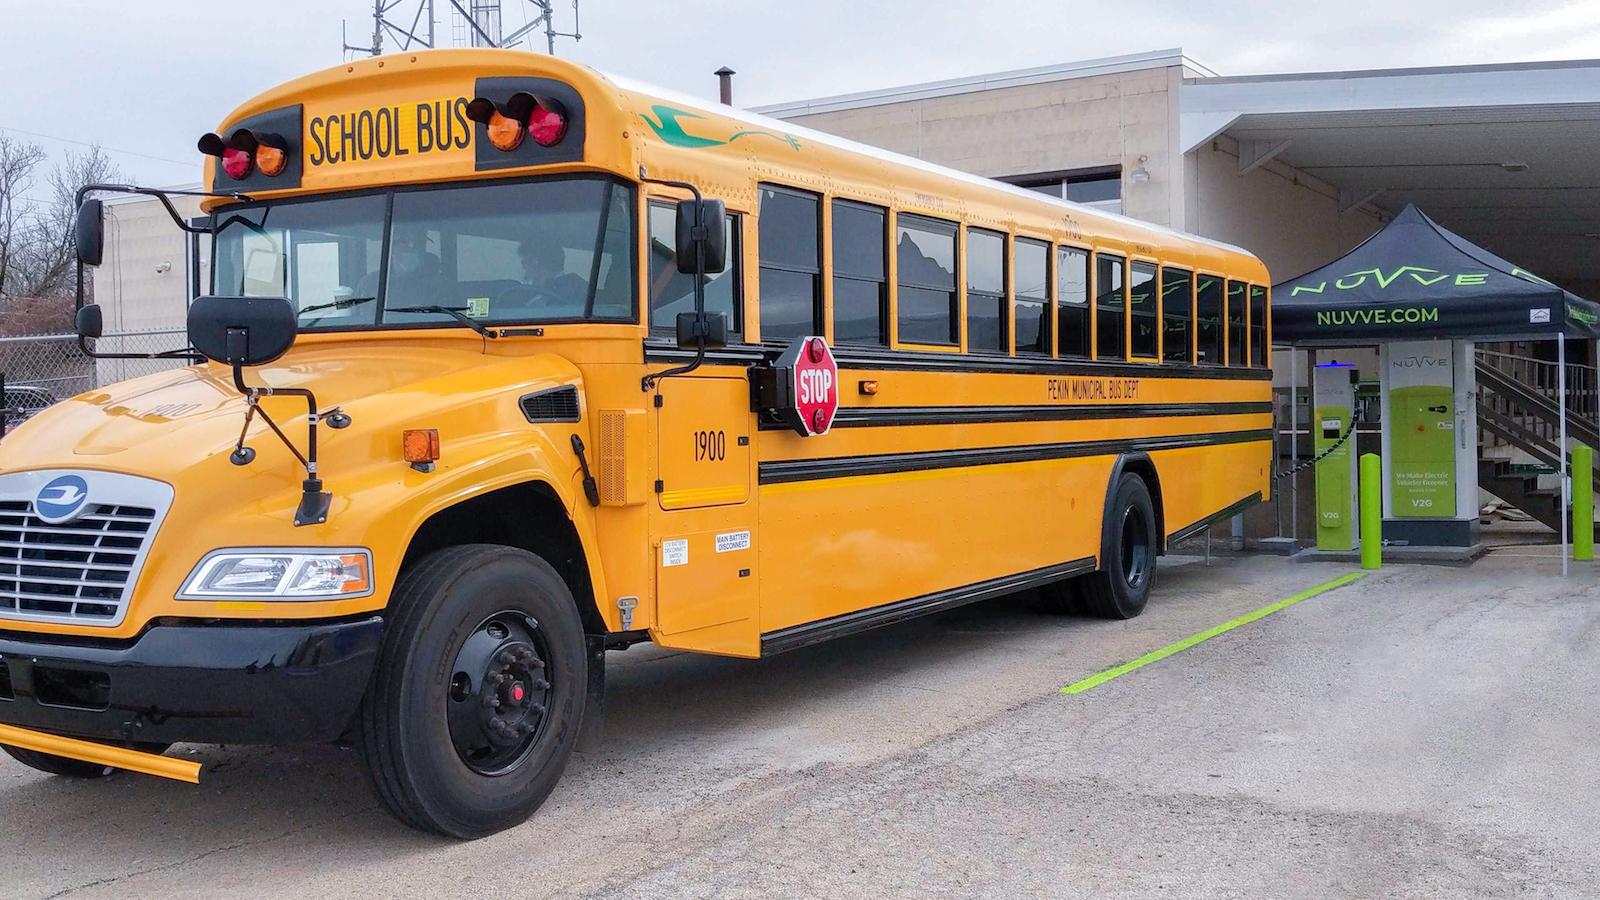 """اتوبوس مدرسه زرد در مقابل یک ایستگاه شارژ سرپوشیده کوچک در فضای باز با یک نوشته پارک شده است """"نووو"""""""